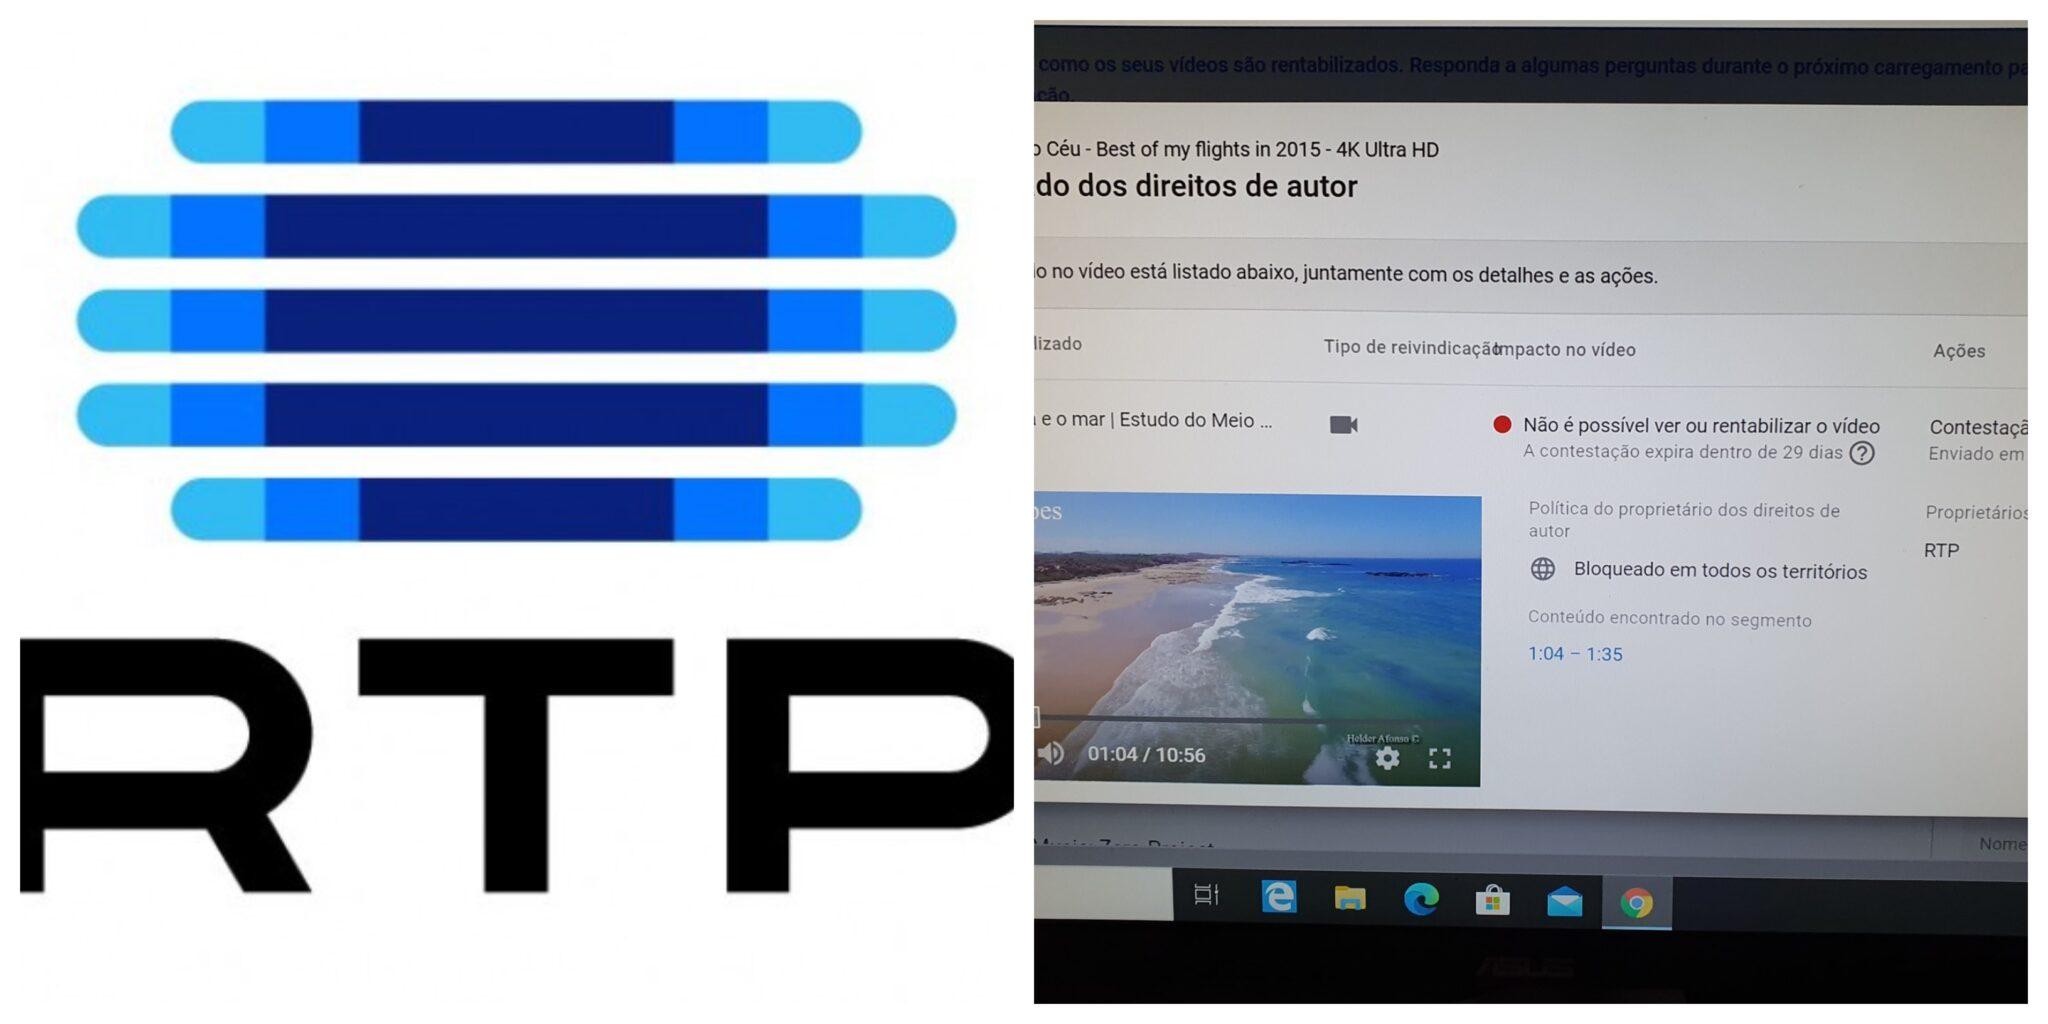 Rtp Direitos Scaled Telescola. Rtp Apodera-Se Indevidamente Dos Direitos De Vídeos De Autor Português No Youtube